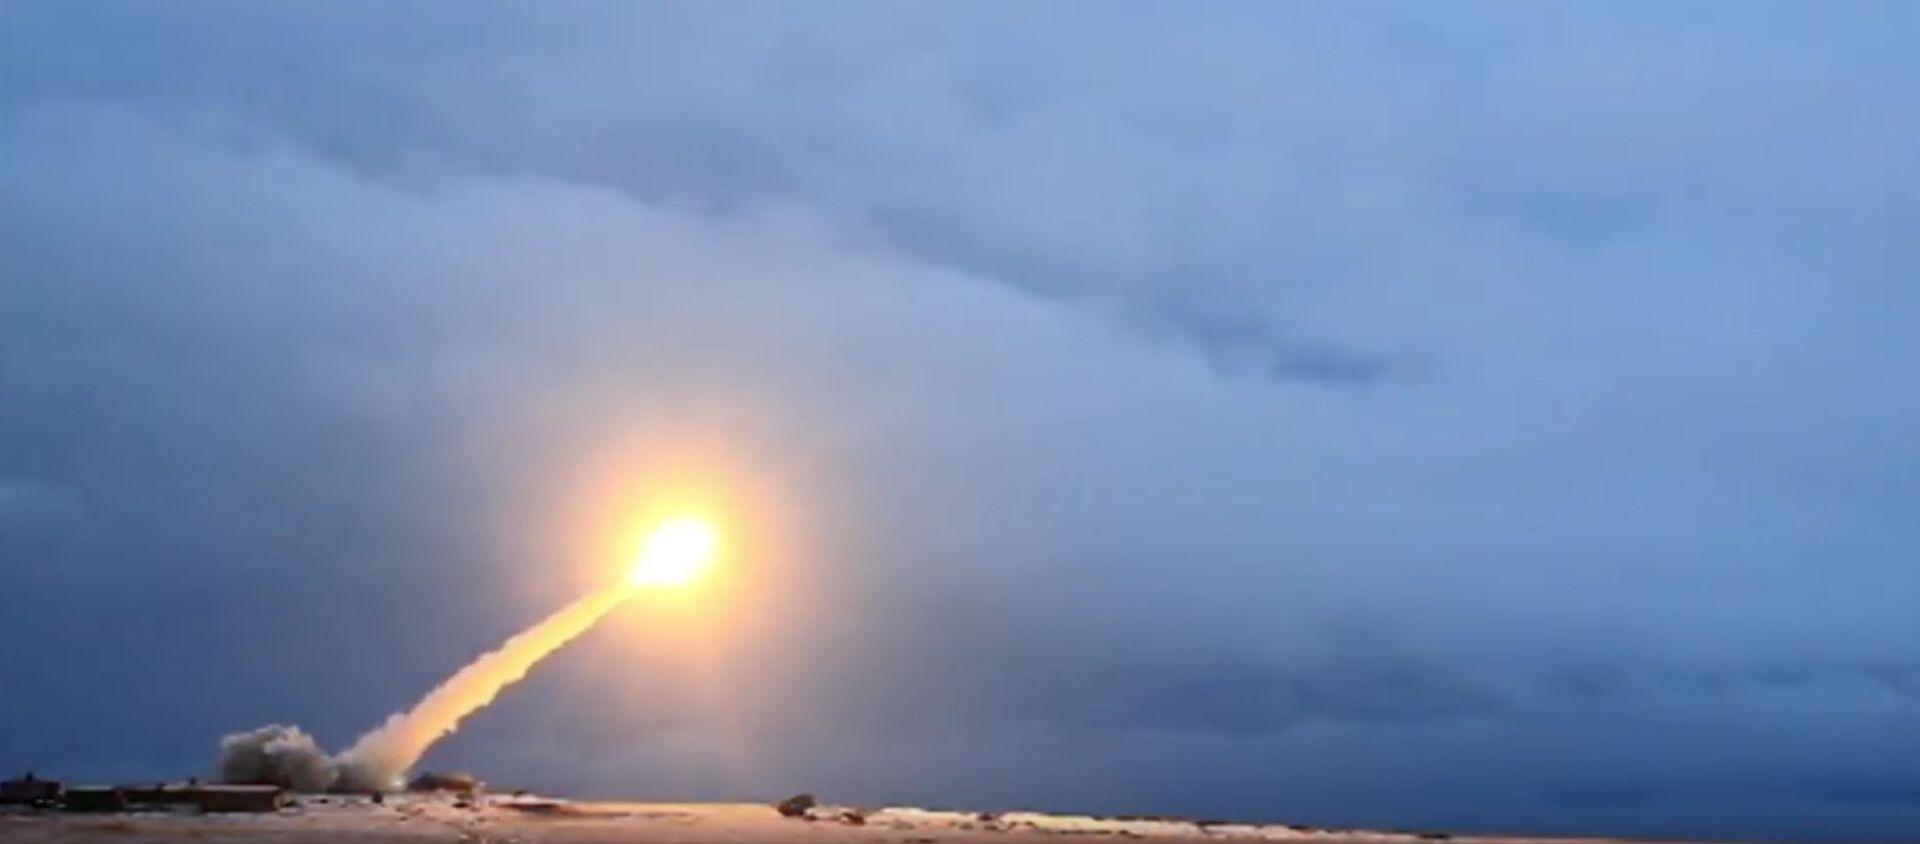 Испытания крылатой ракеты с ядерным двигателем Буревестник - Sputnik Южная Осетия, 1920, 19.03.2021